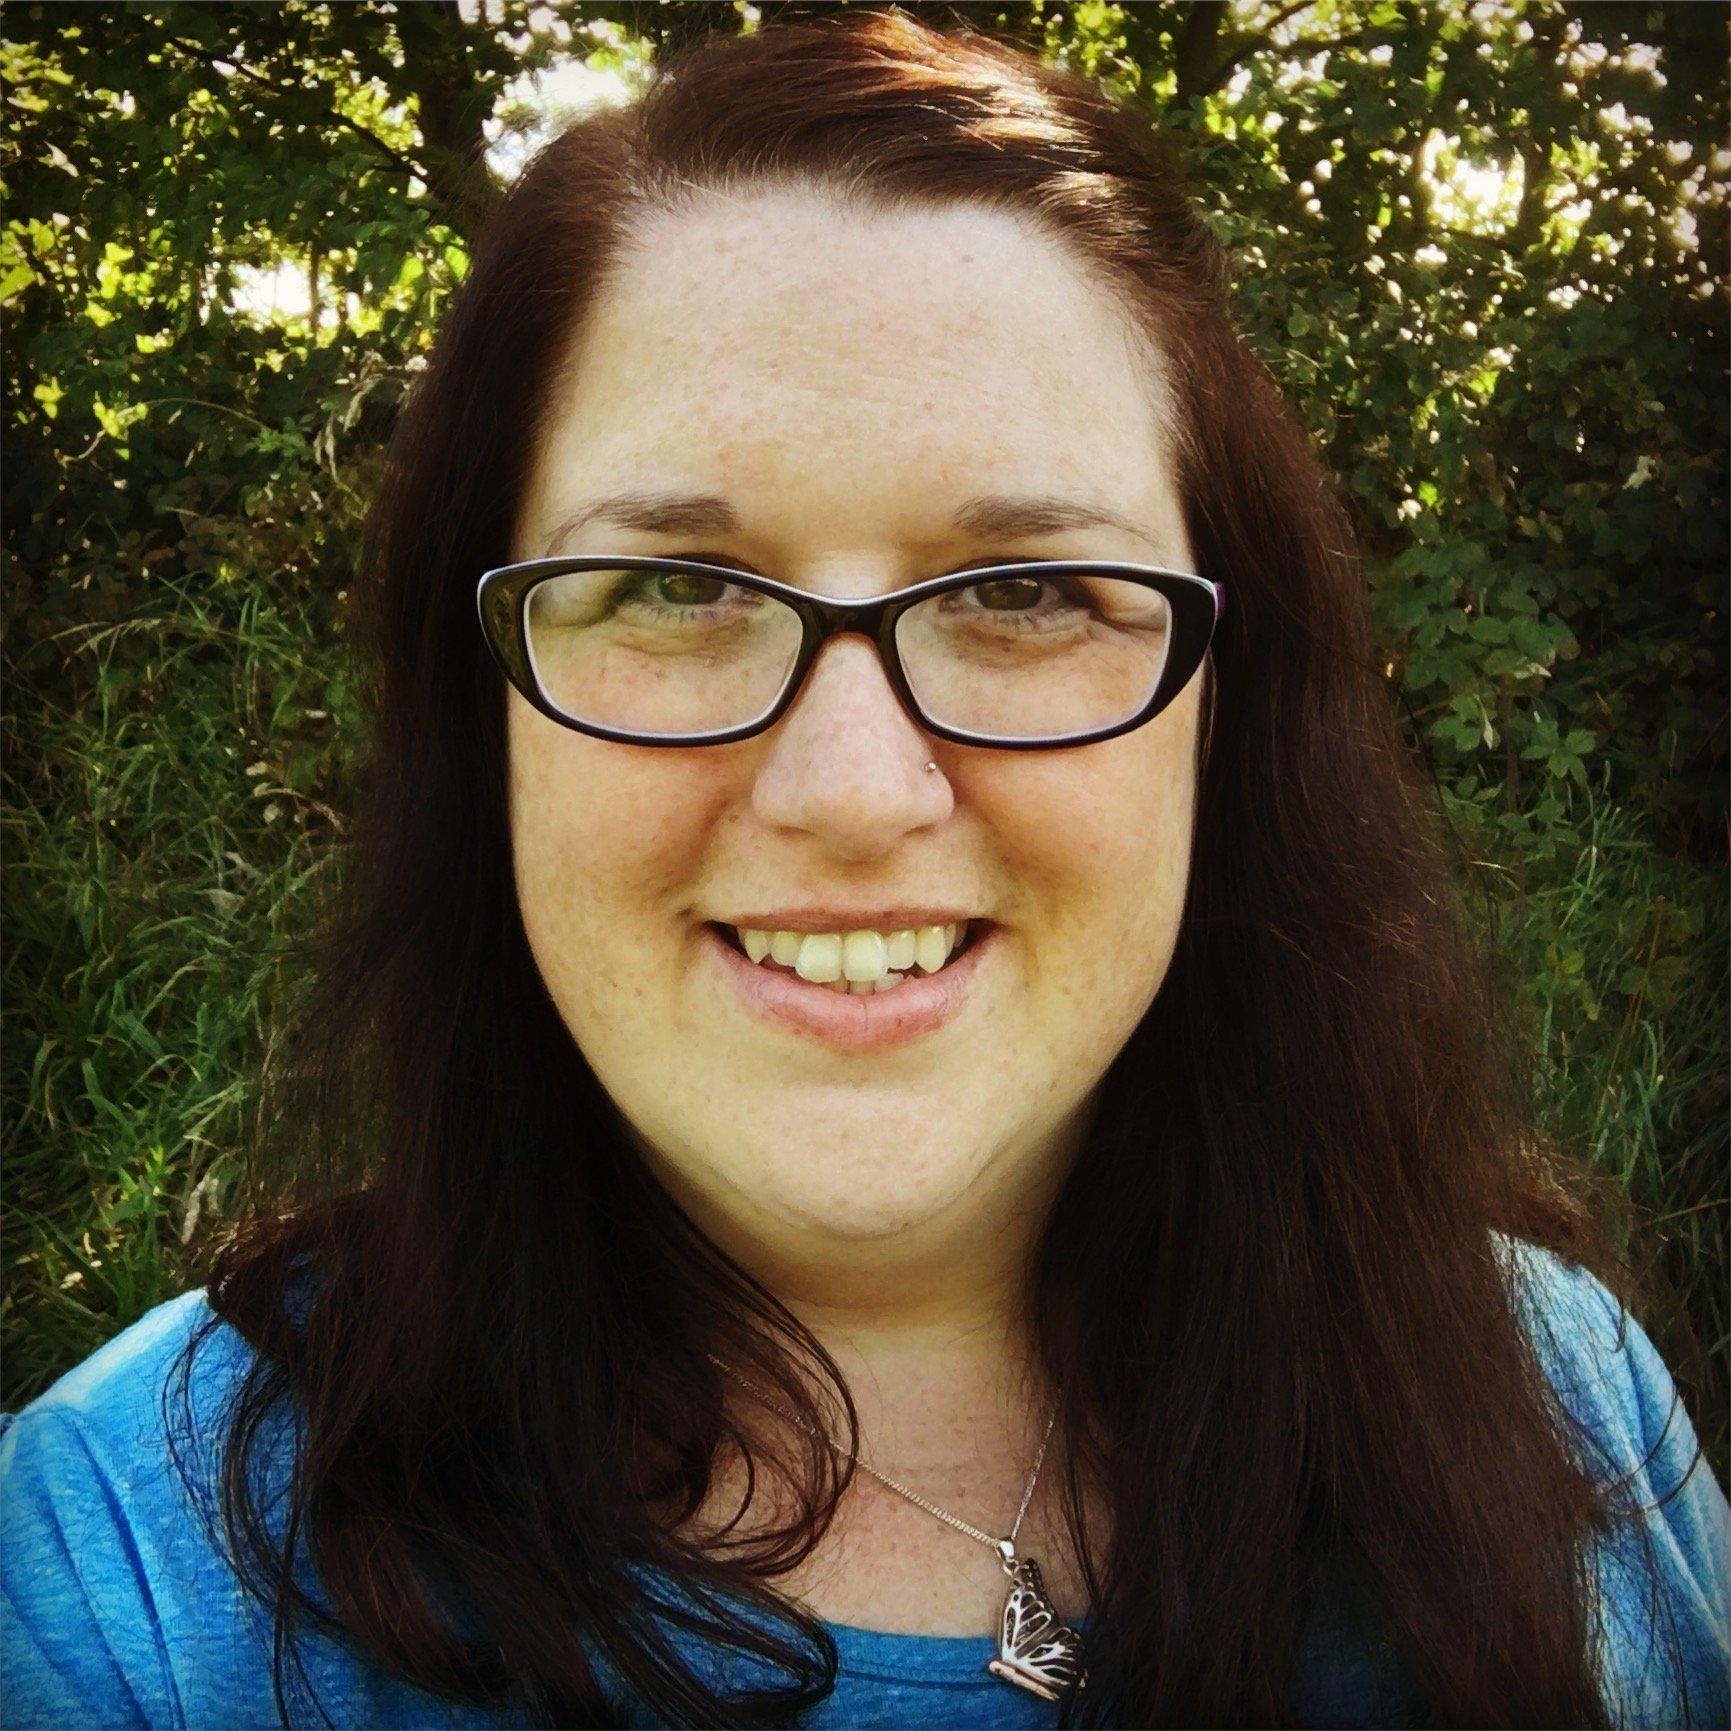 Sarah Silvester